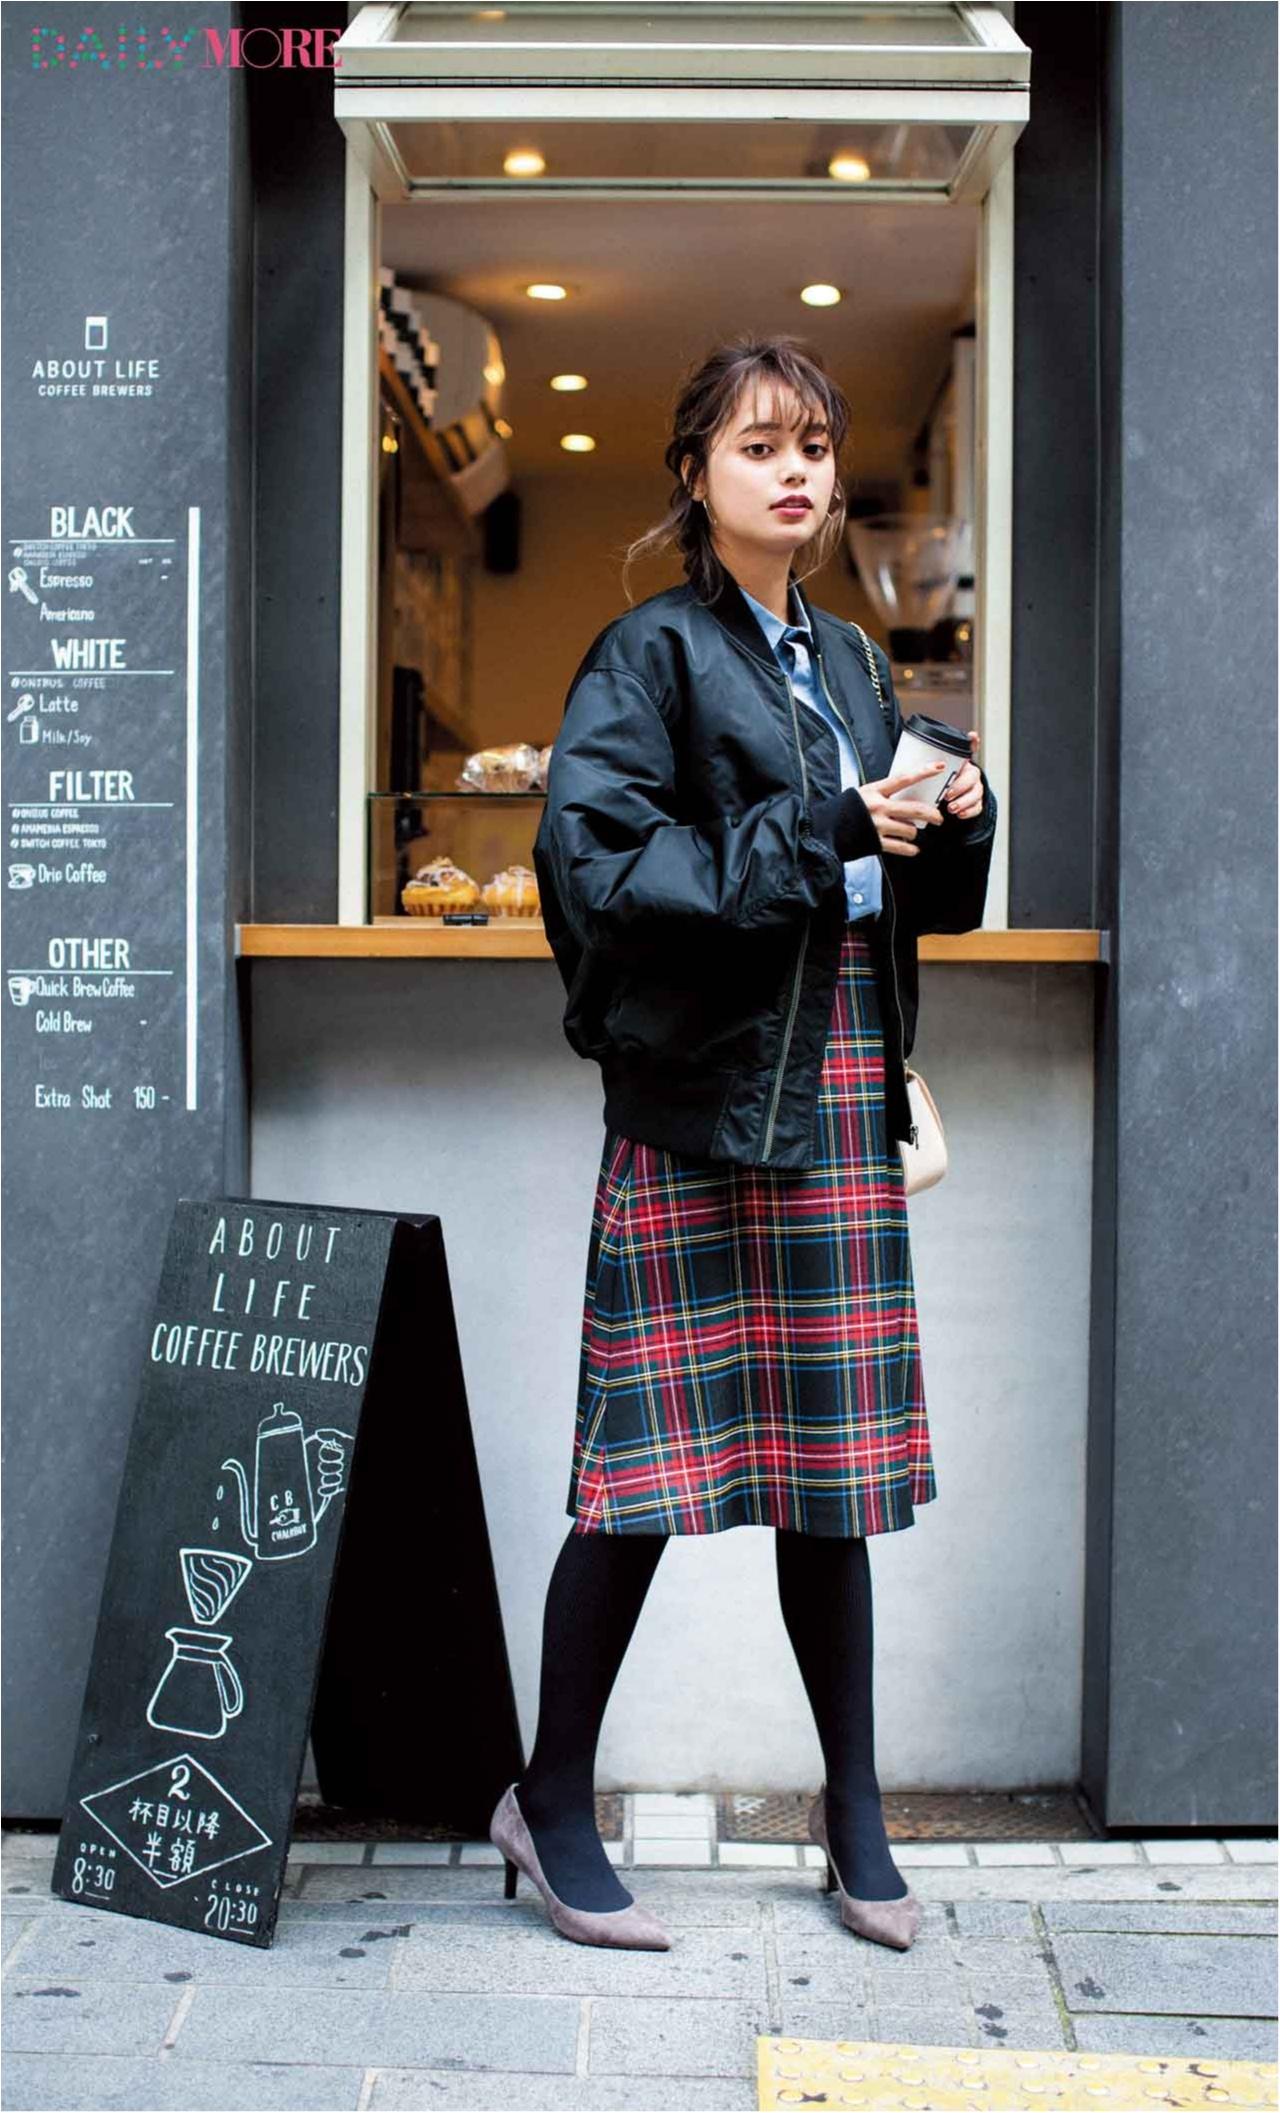 【今日のコーデ/岸本セシル】街へ繰り出す土曜日は流行キルトスカートでレディにこなれて♪_1